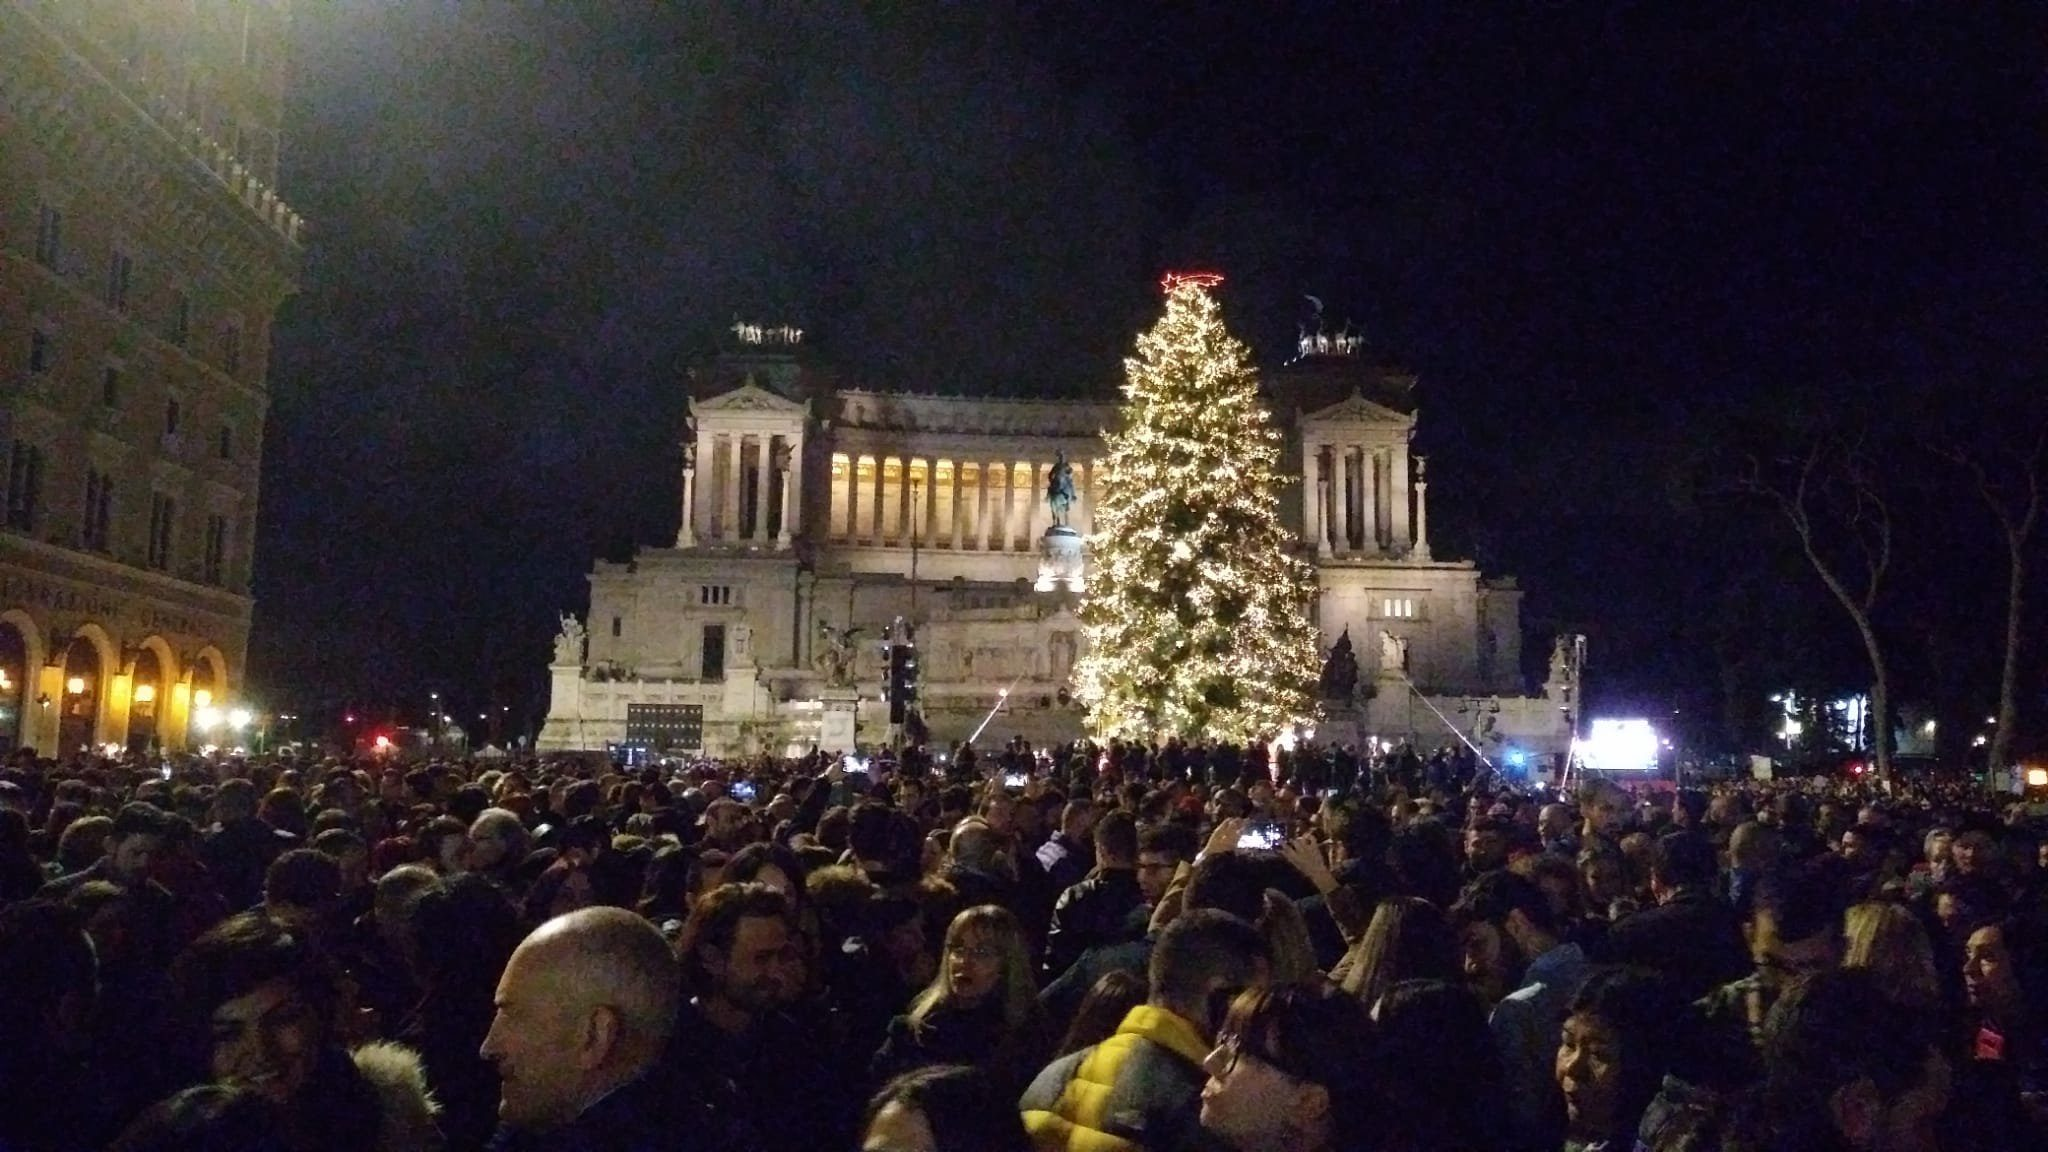 Albero Di Natale Roma.Roma Acceso Spelacchio Migliaia In Piazza Raggi E L Albero Di Natale Piu Famoso Del Mondo